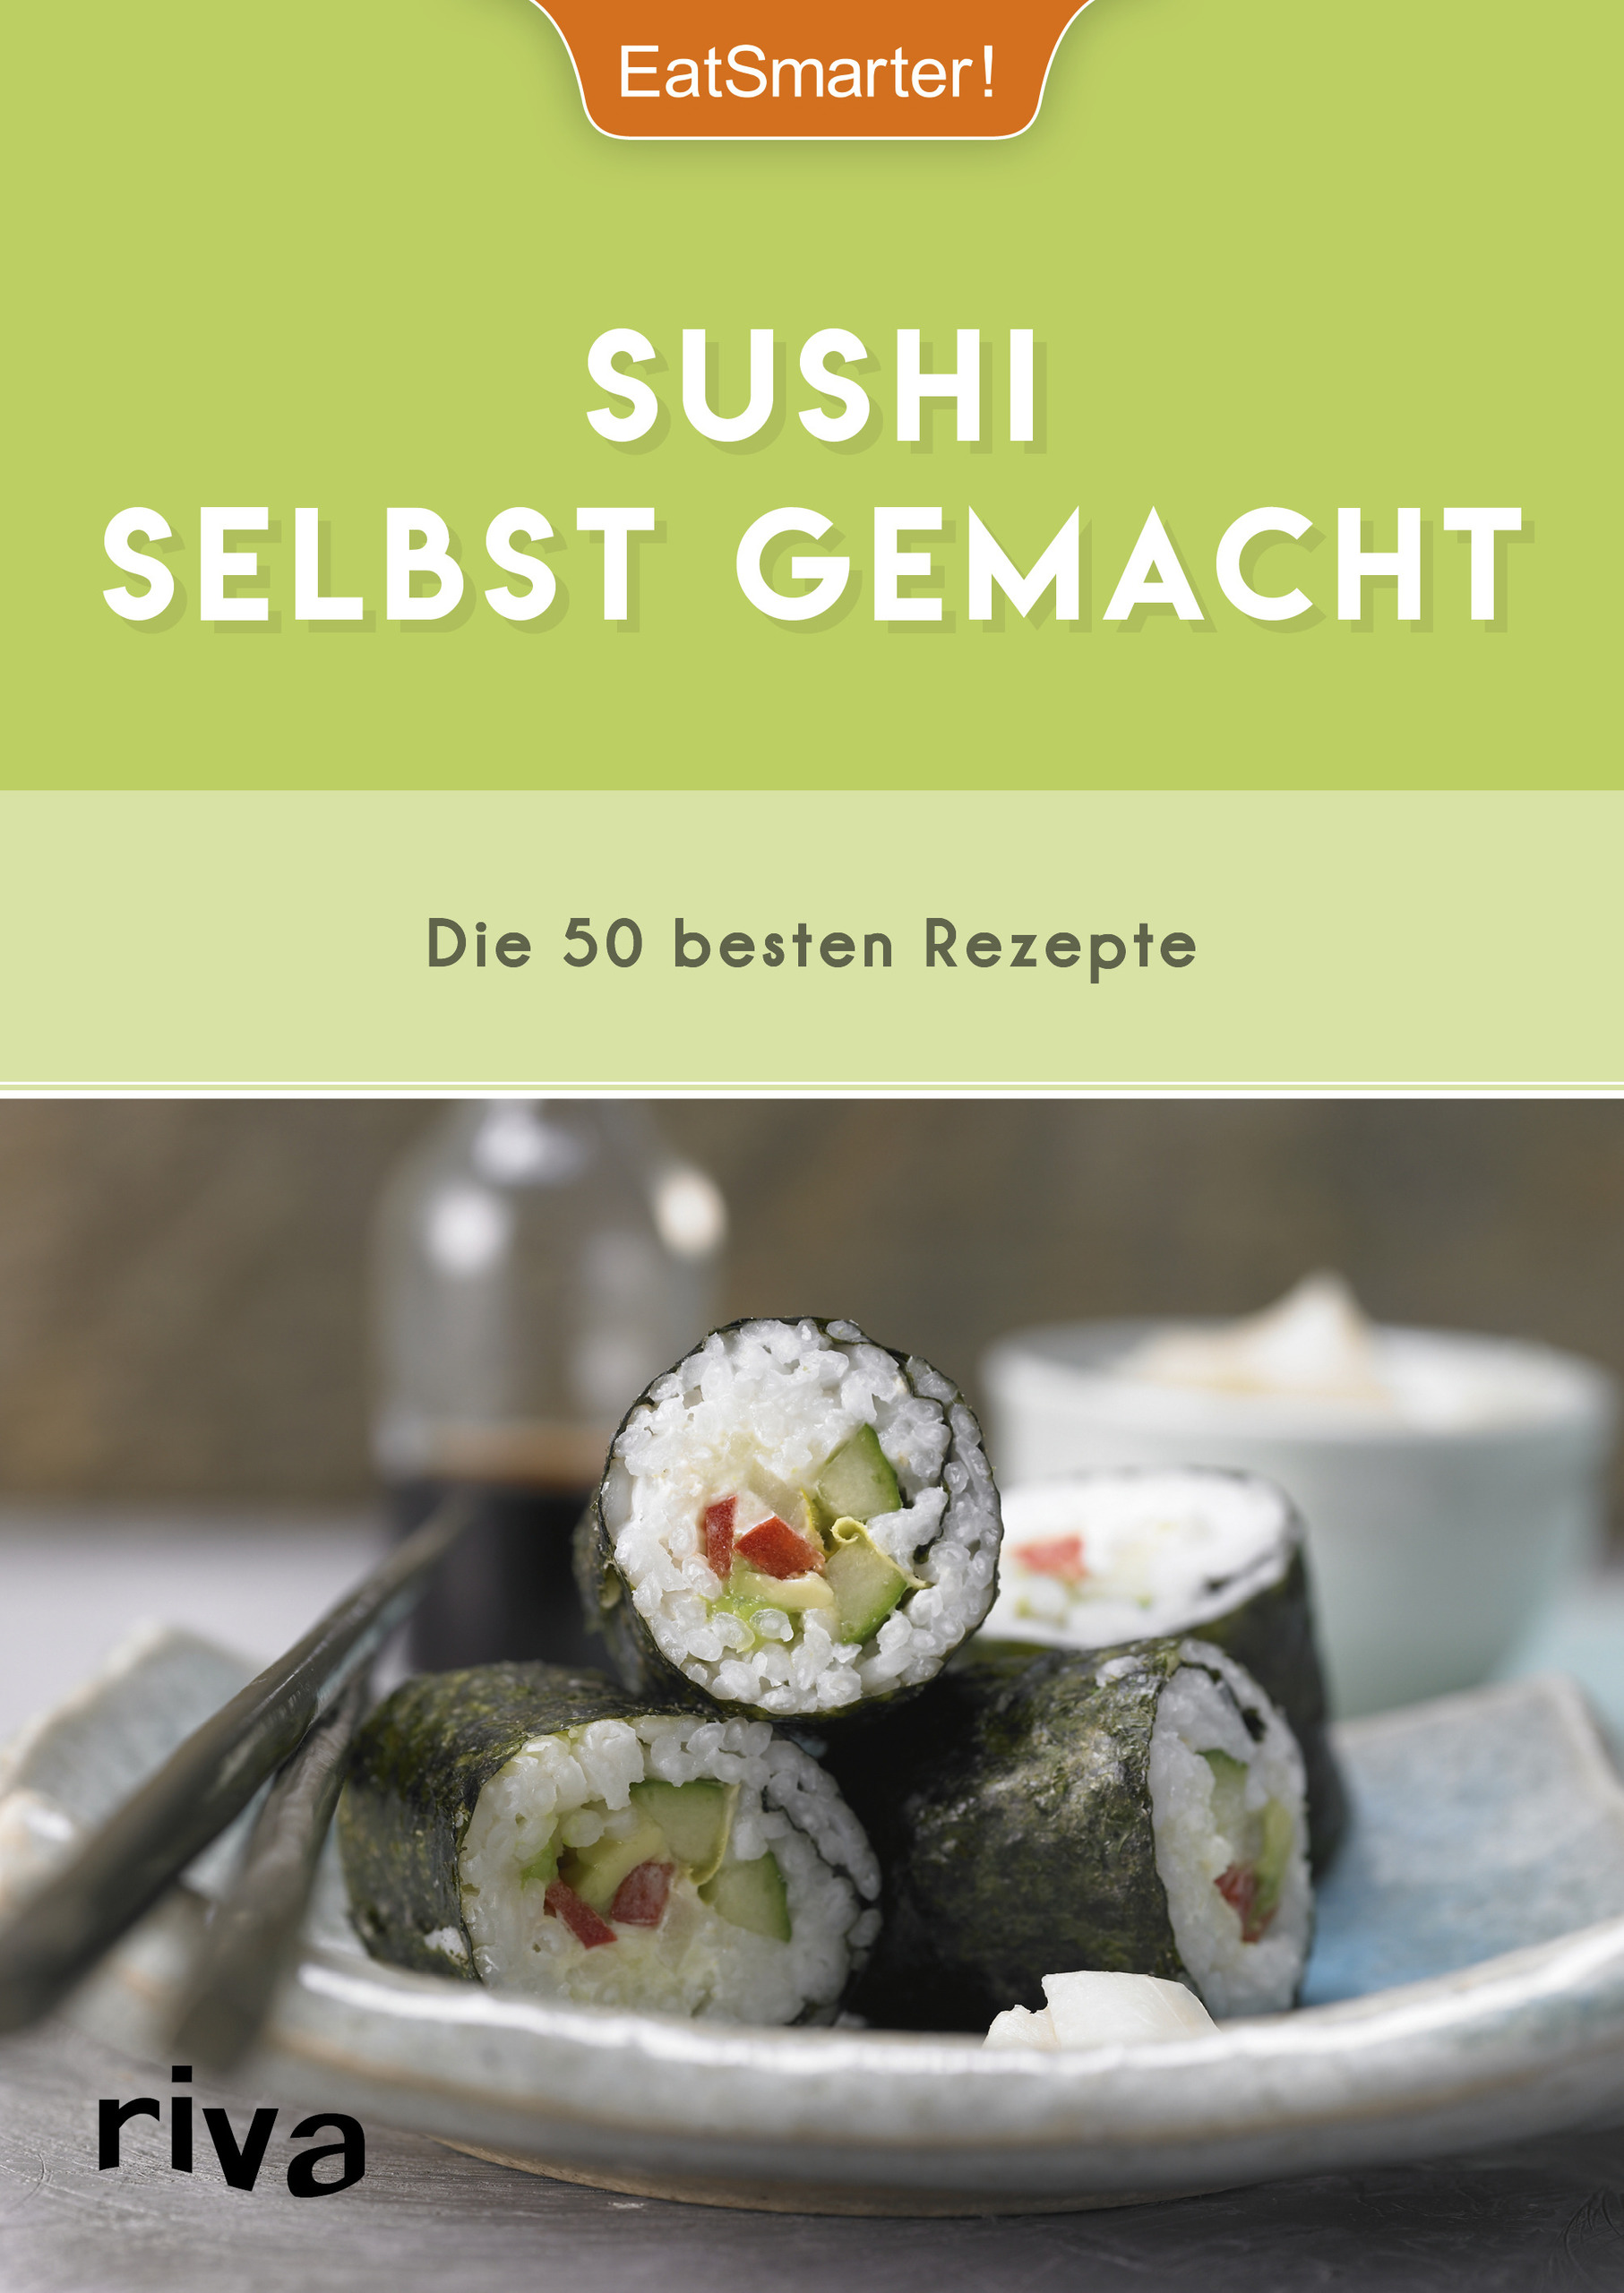 sushi selbst gemacht von b scher astrid eatsmarter loderhose will. Black Bedroom Furniture Sets. Home Design Ideas